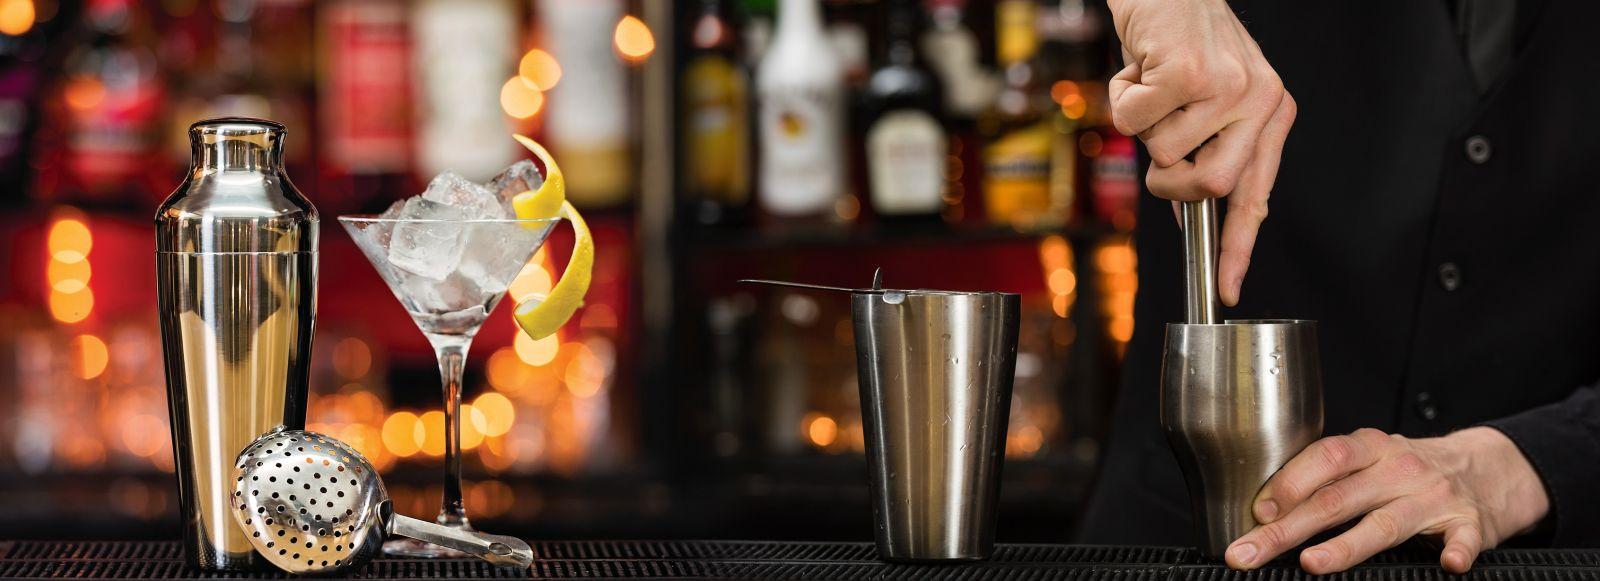 trường dạy nghề bartender chuyên nghiệp